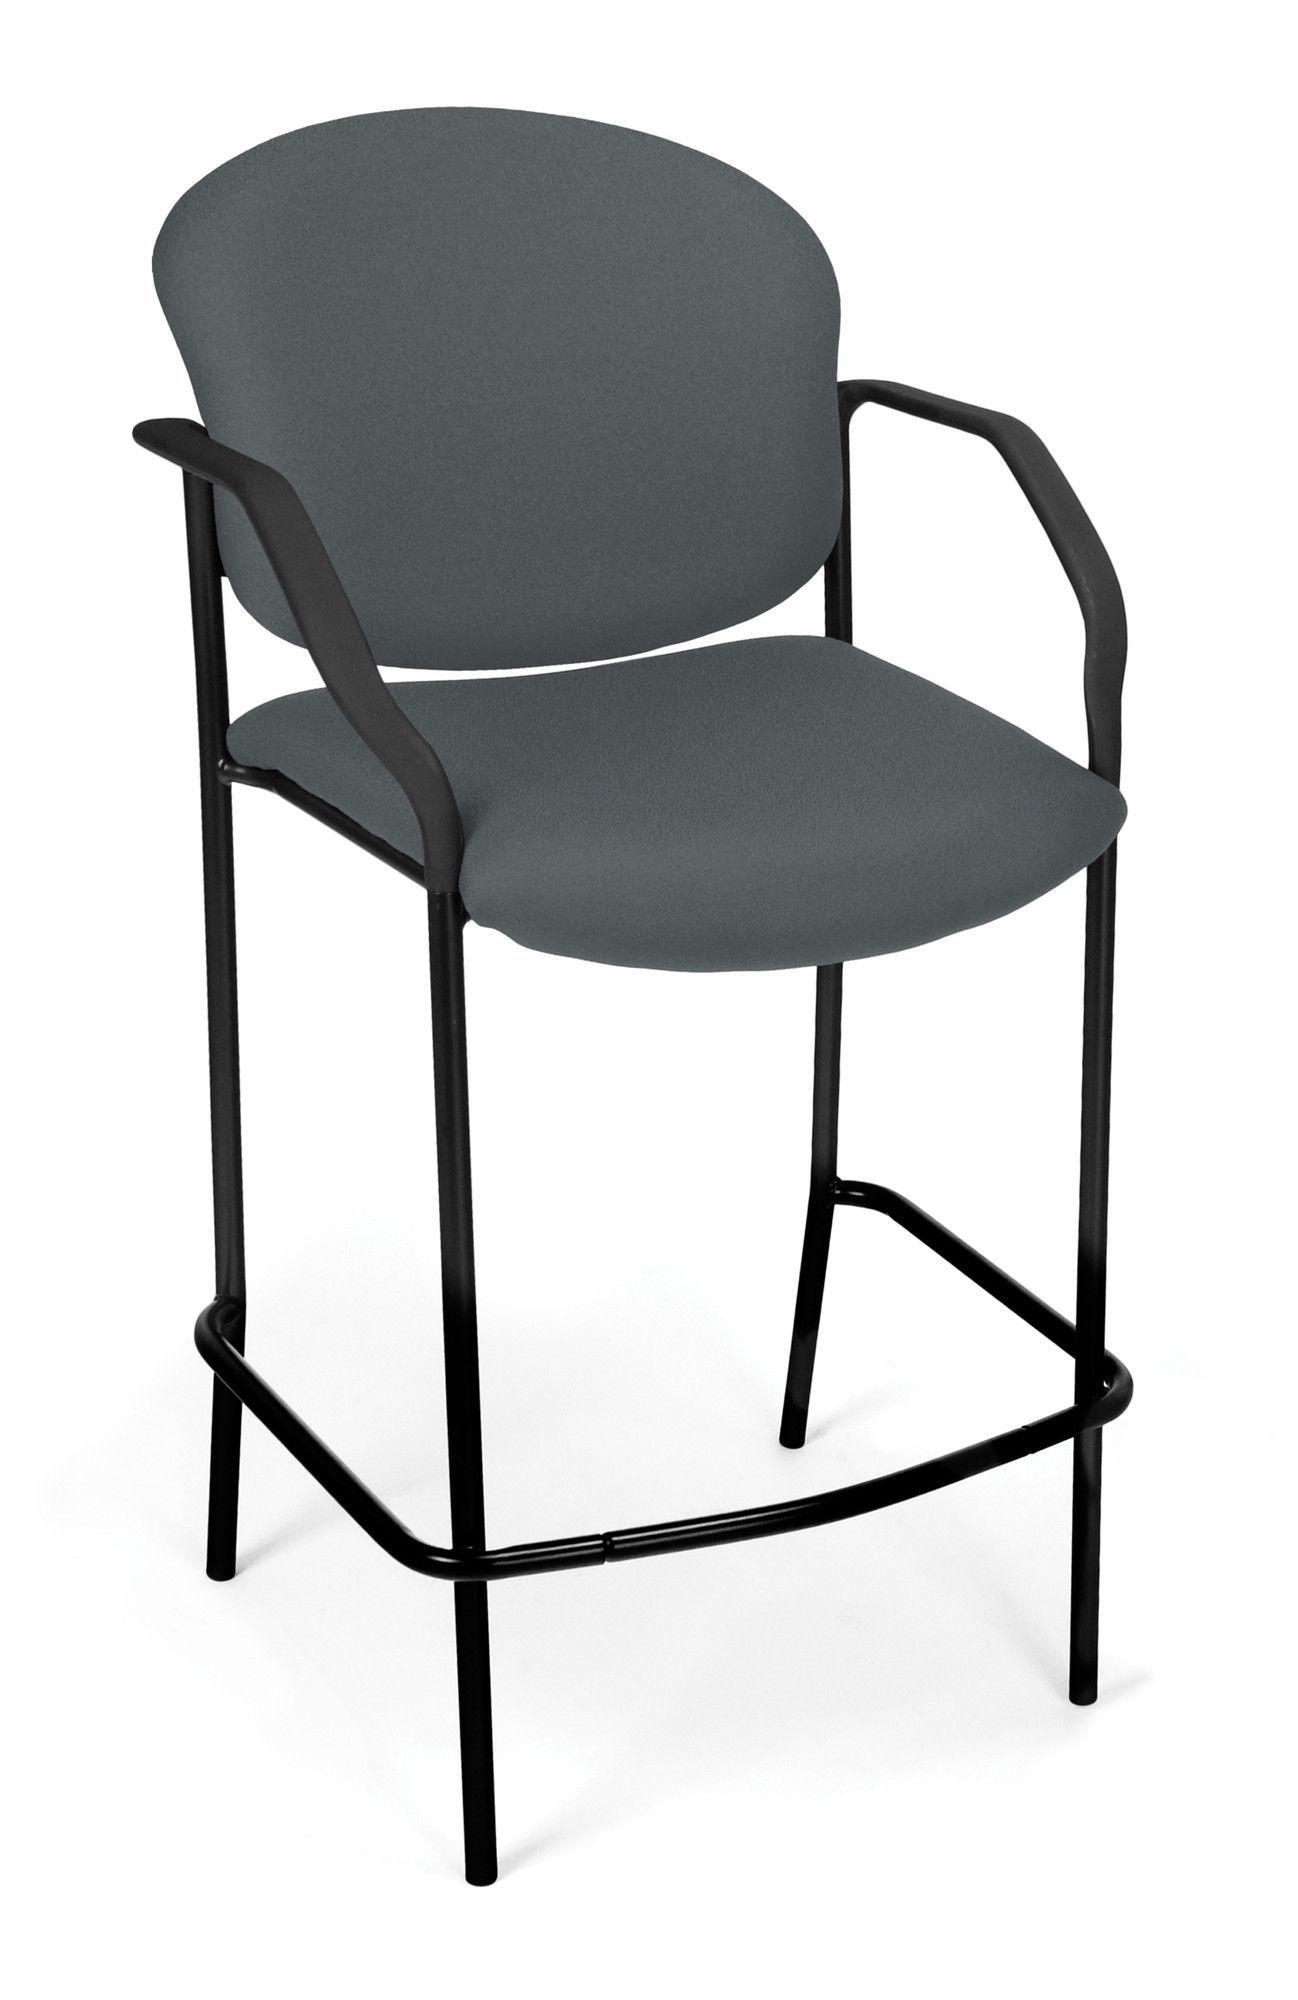 Café Guest Chair Cafe chairs, Chair, Soft chair